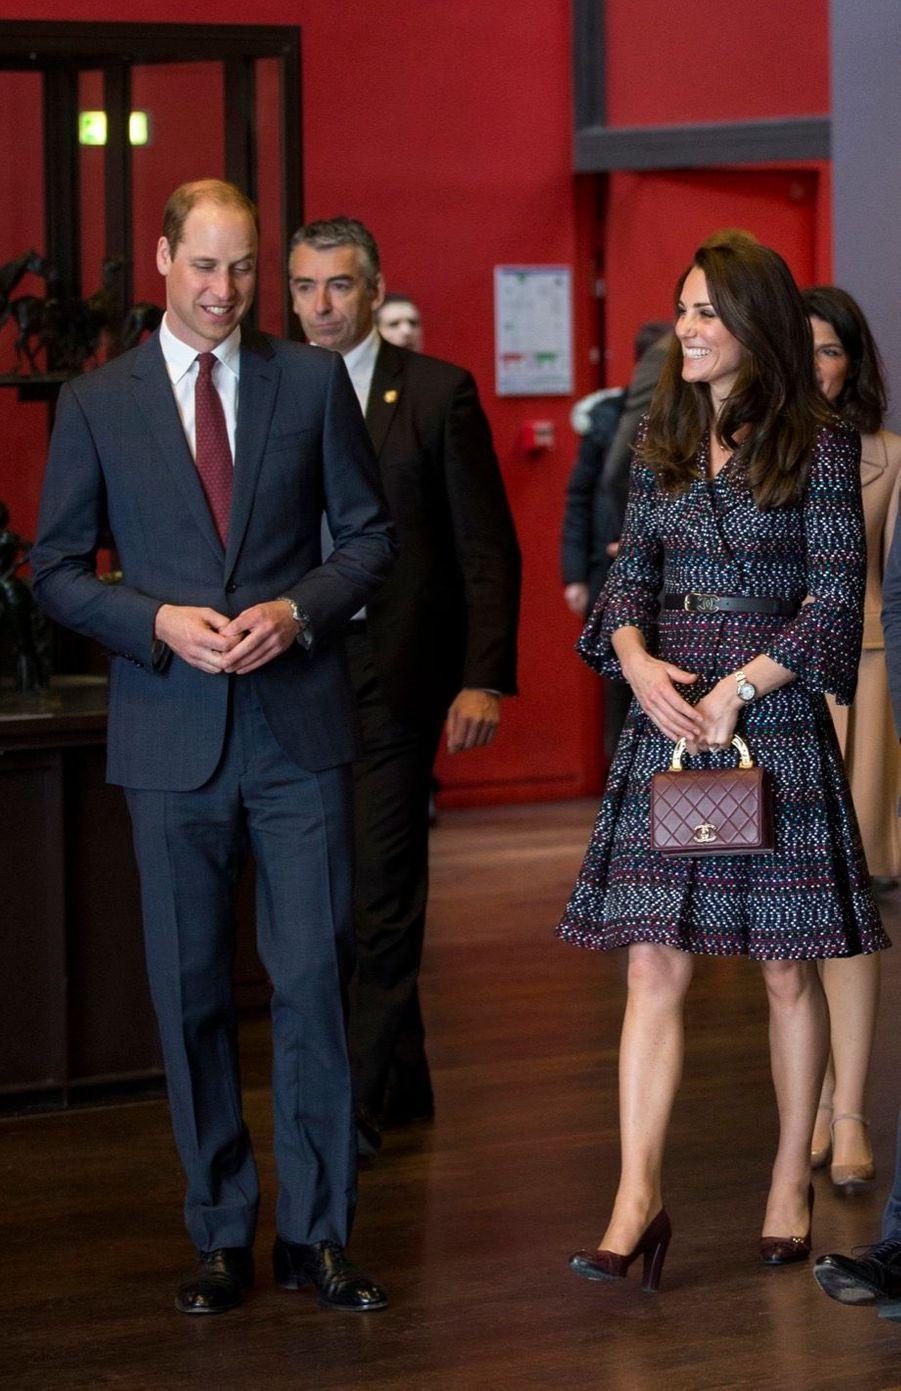 Kate Middleton Et Le Prince William Au Musée D'Orsay 22